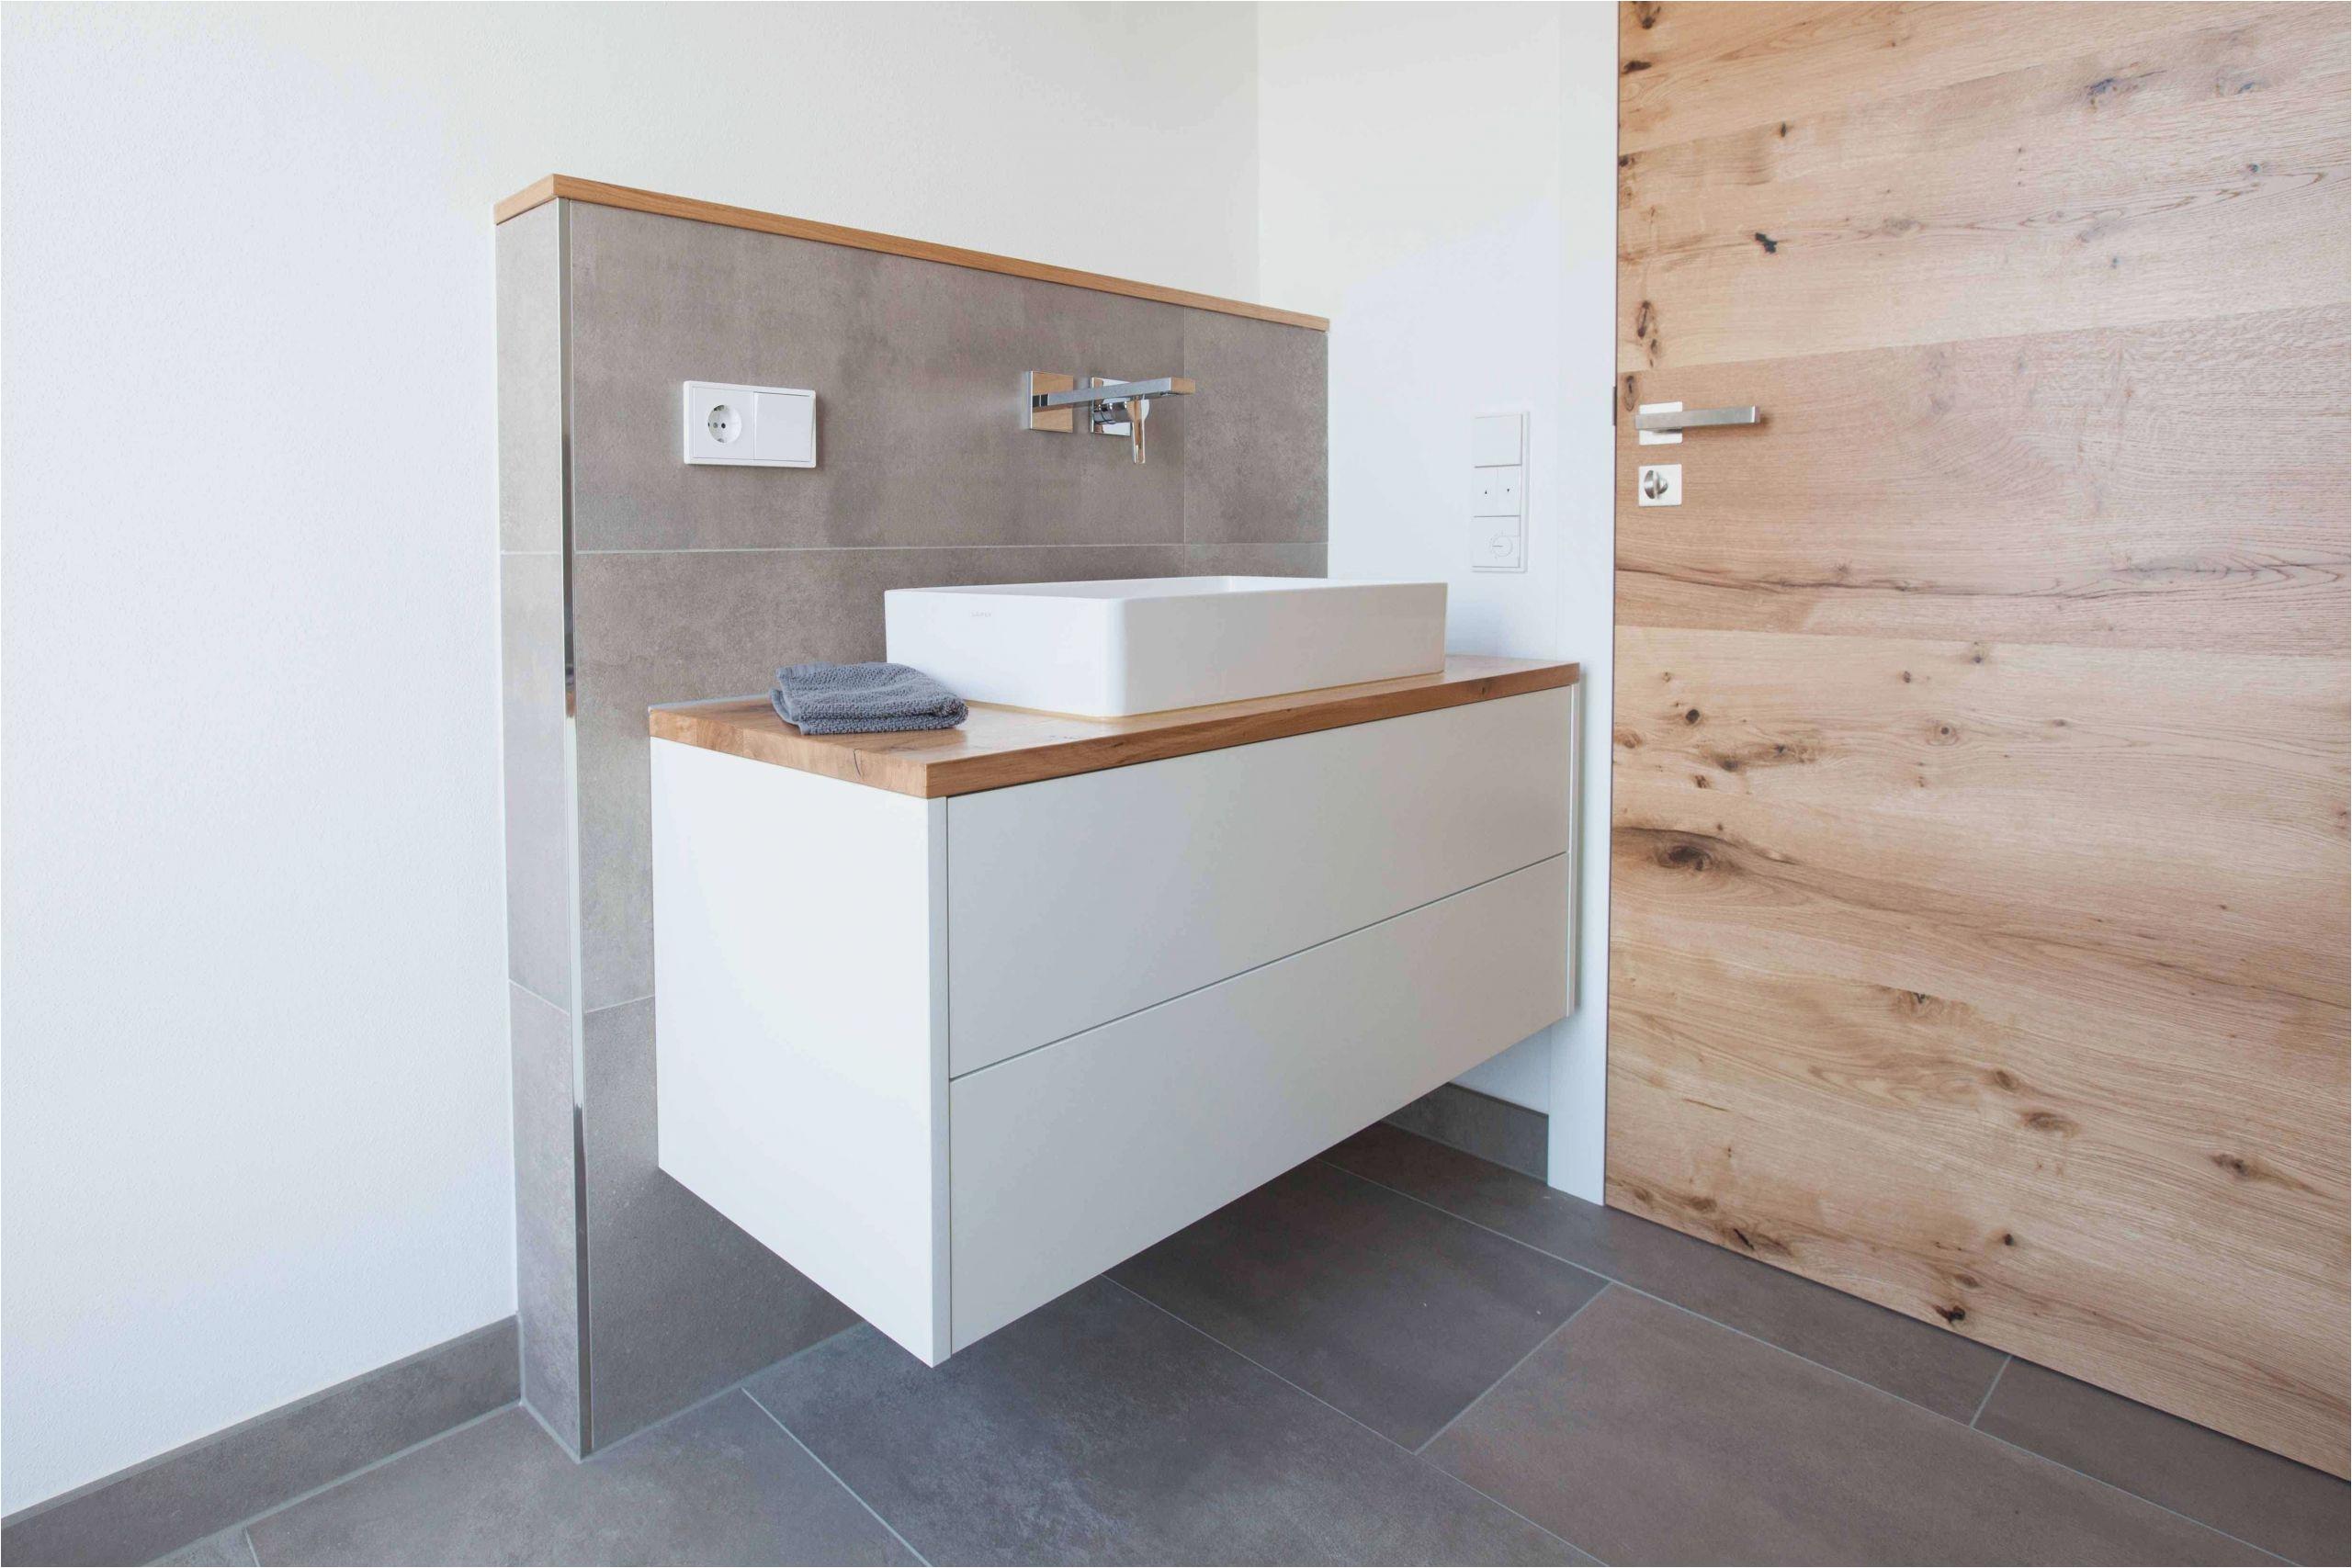 bambus badezimmer frisch inspirierend kaufen wohnzimmer schrank konzept of bambus badezimmer scaled